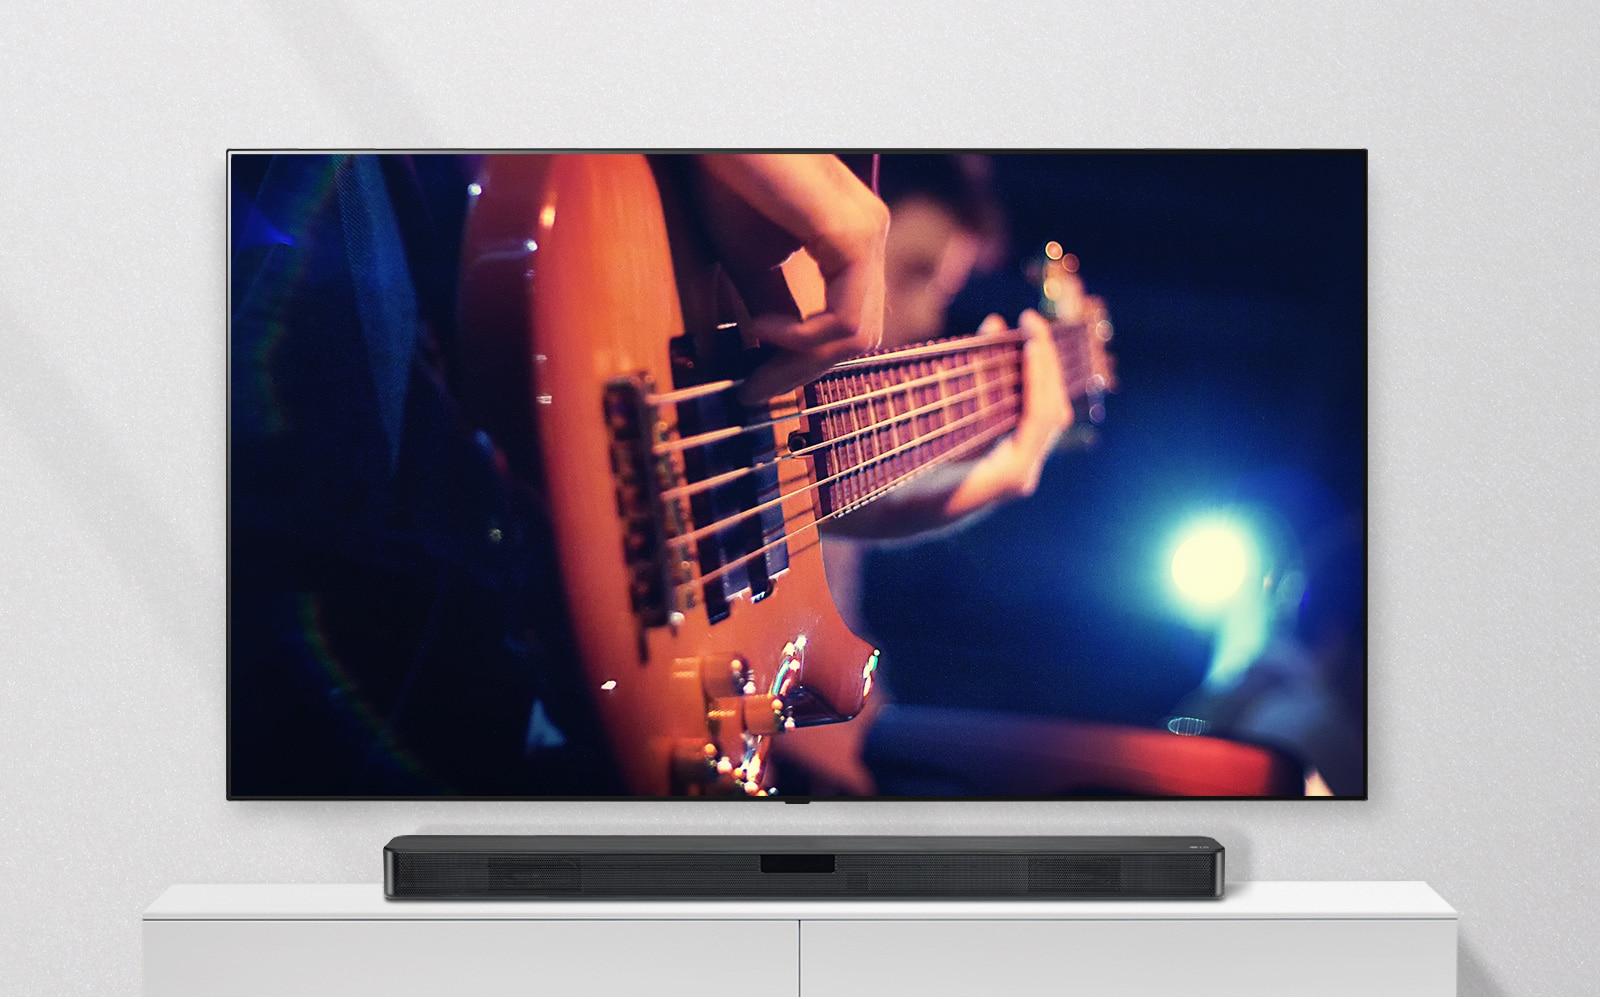 LG Sound Bar SN4 TV Sync Sound Sync